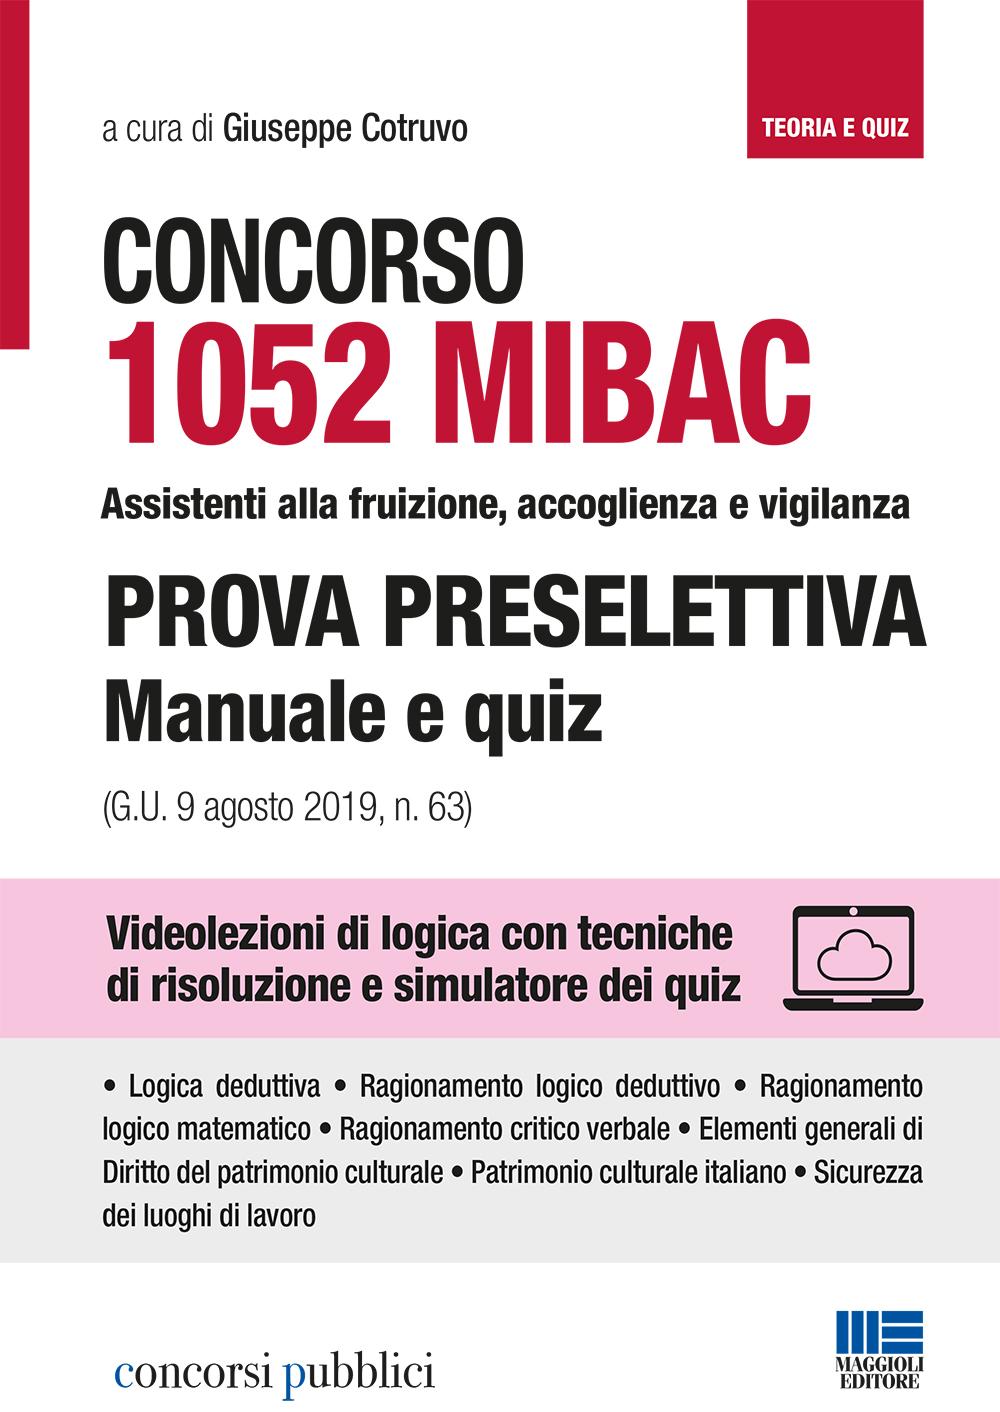 Concorso MIBAC 1052 Assistenti vigilanza - libro carta